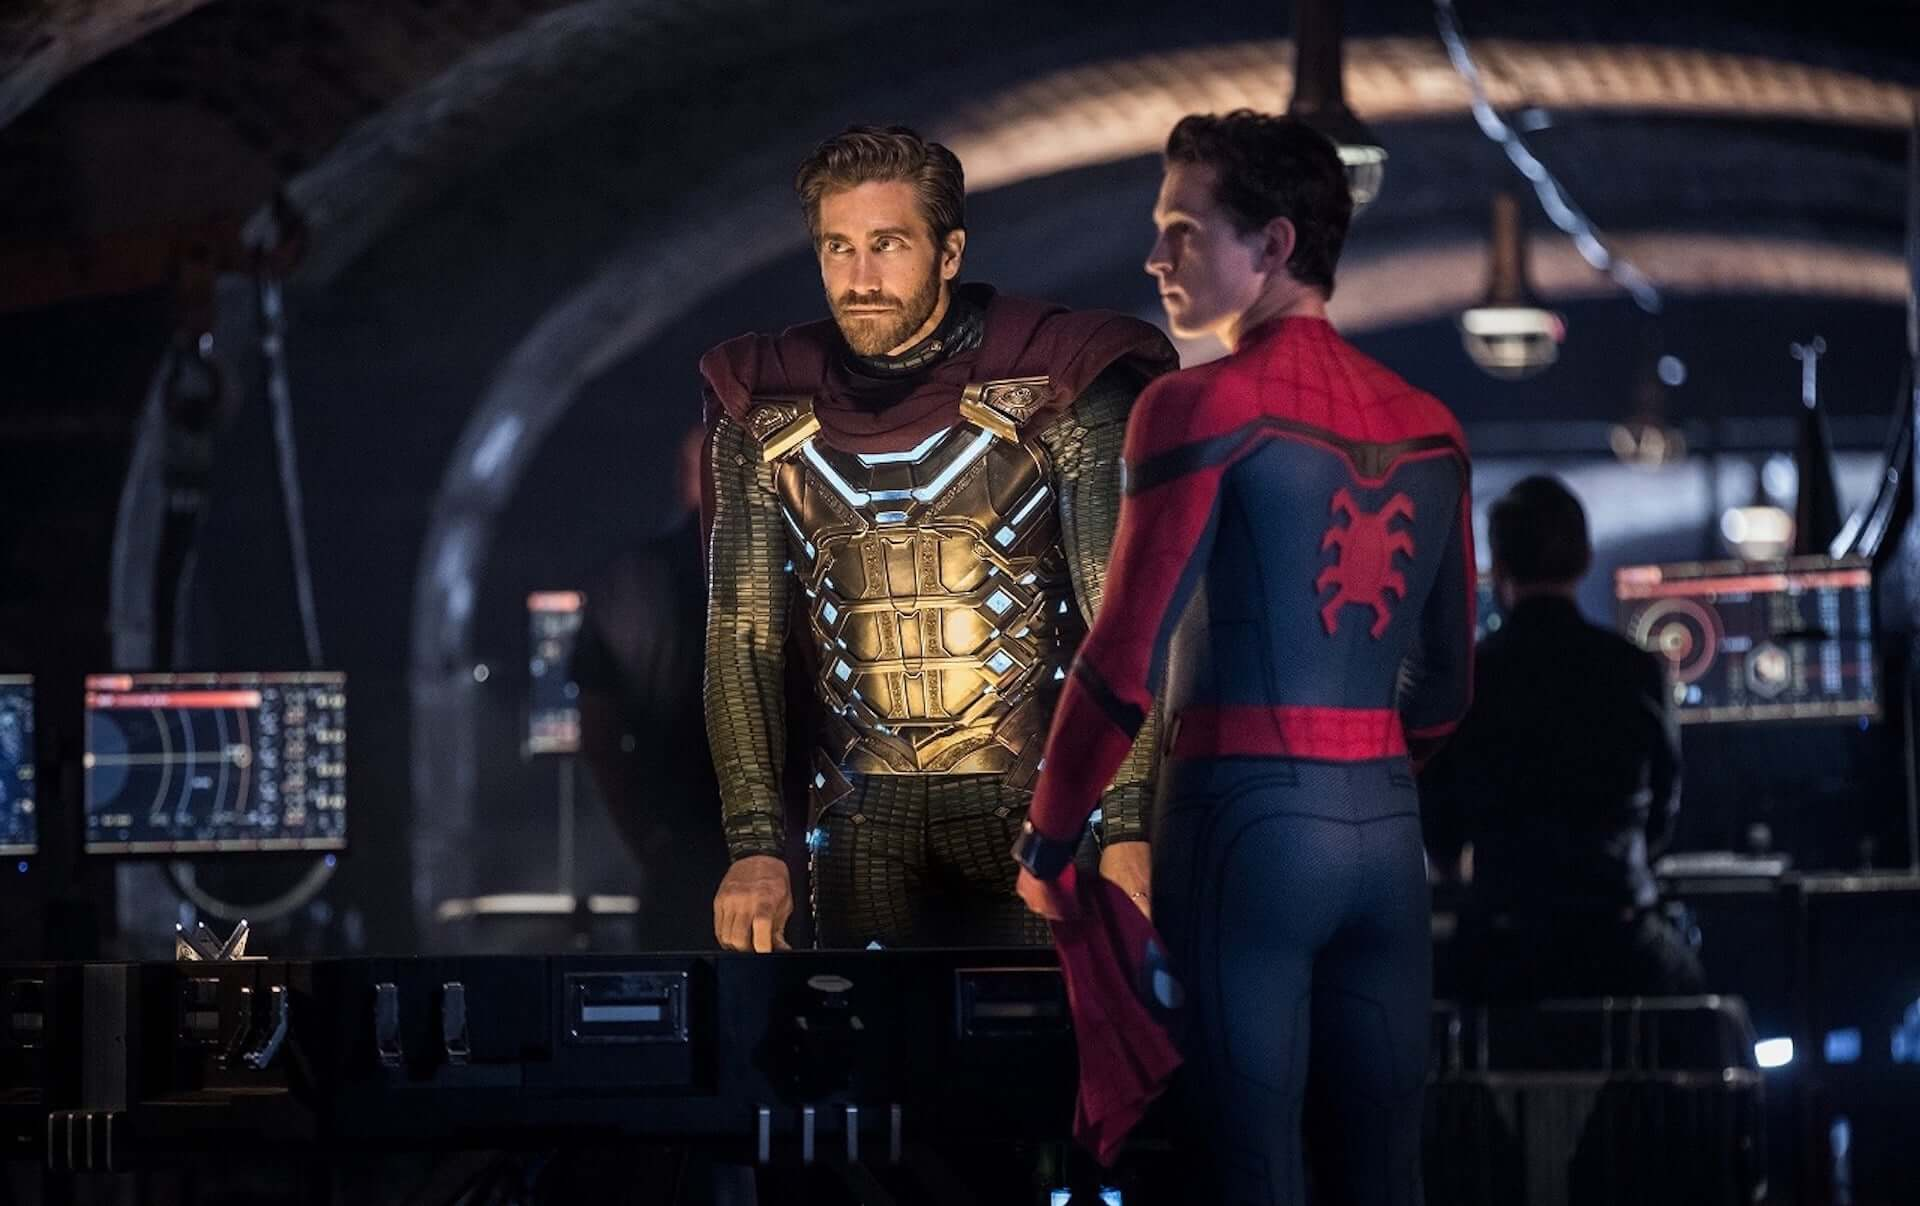 スパイダーマン旋風はまだまだ続く!『スパイダーマン:ファー・フロム・ホーム』が全米2週連続1位に film190716_sffh_gross_9-1920x1206